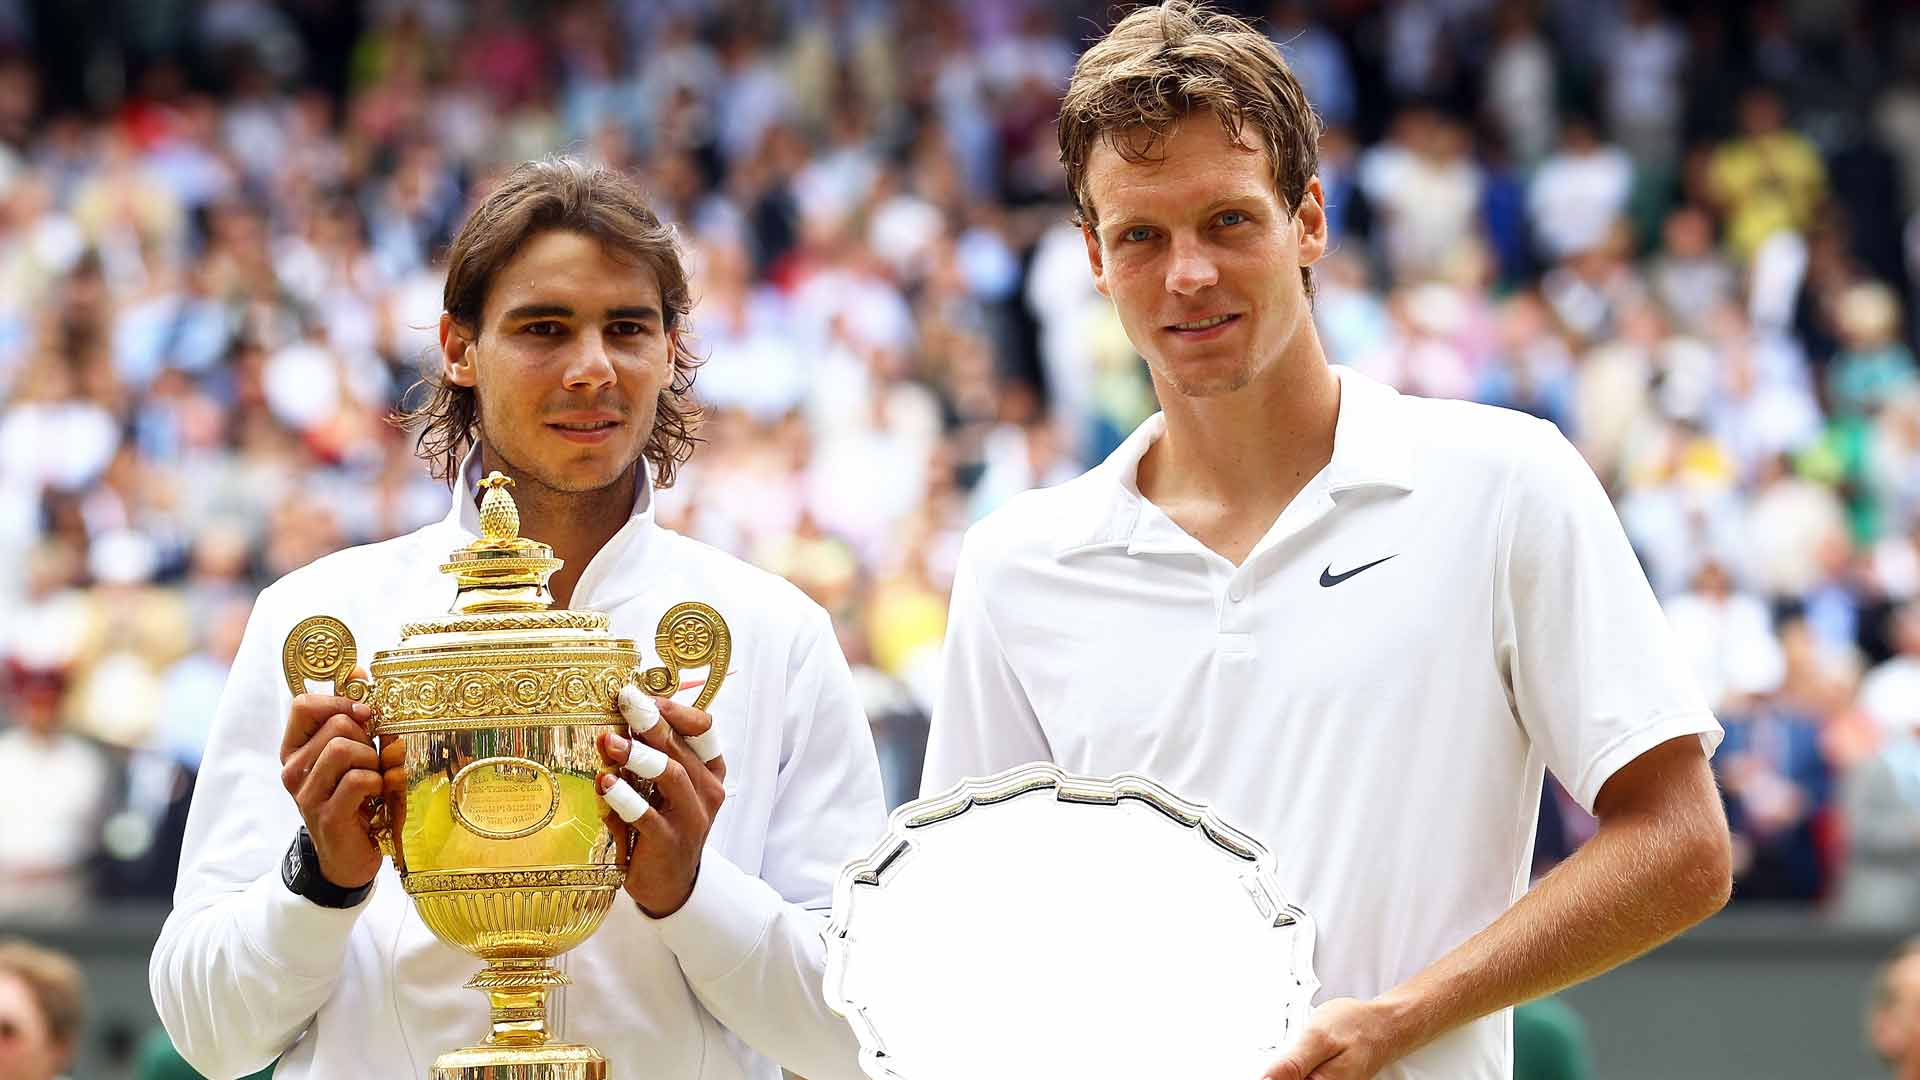 Berdych 2010 <a href='https://www.atptour.com/en/tournaments/wimbledon/540/overview'>Wimbledon</a>